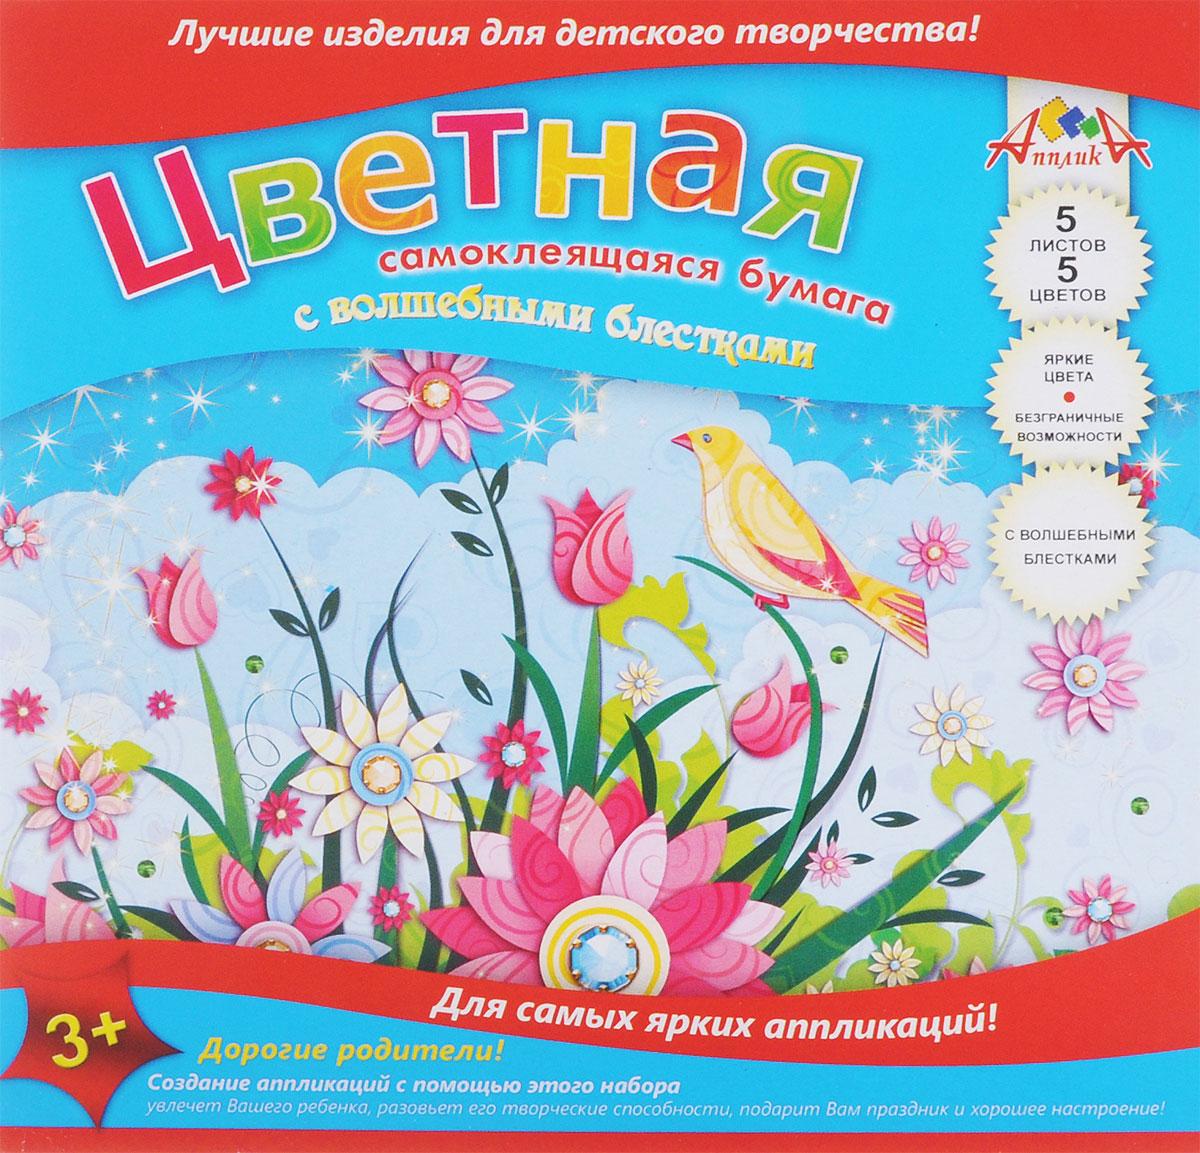 Апплика Цветная бумага самоклеящаяся с блестками Цветы и птичка 5 листов бумага цветная бархатная самоклеящаяся 7 листов 7 цветов жираф птичка ббс7756